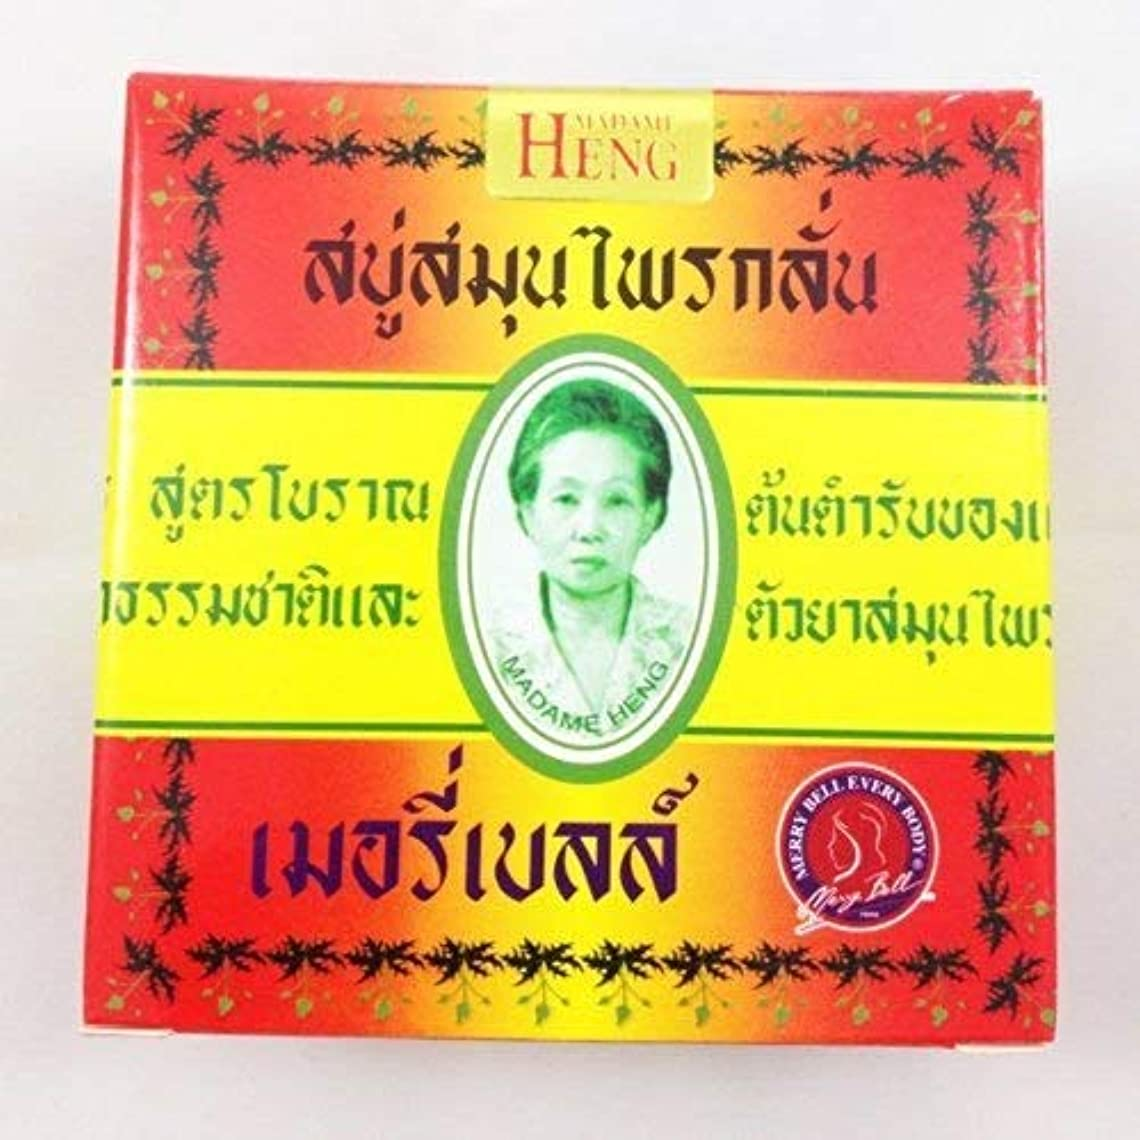 スライス富豪マトリックスMadame Heng Thai Original Natural Herbal Soap Bar Made in Thailand 160gx2pcs by Ni Yom Thai shop